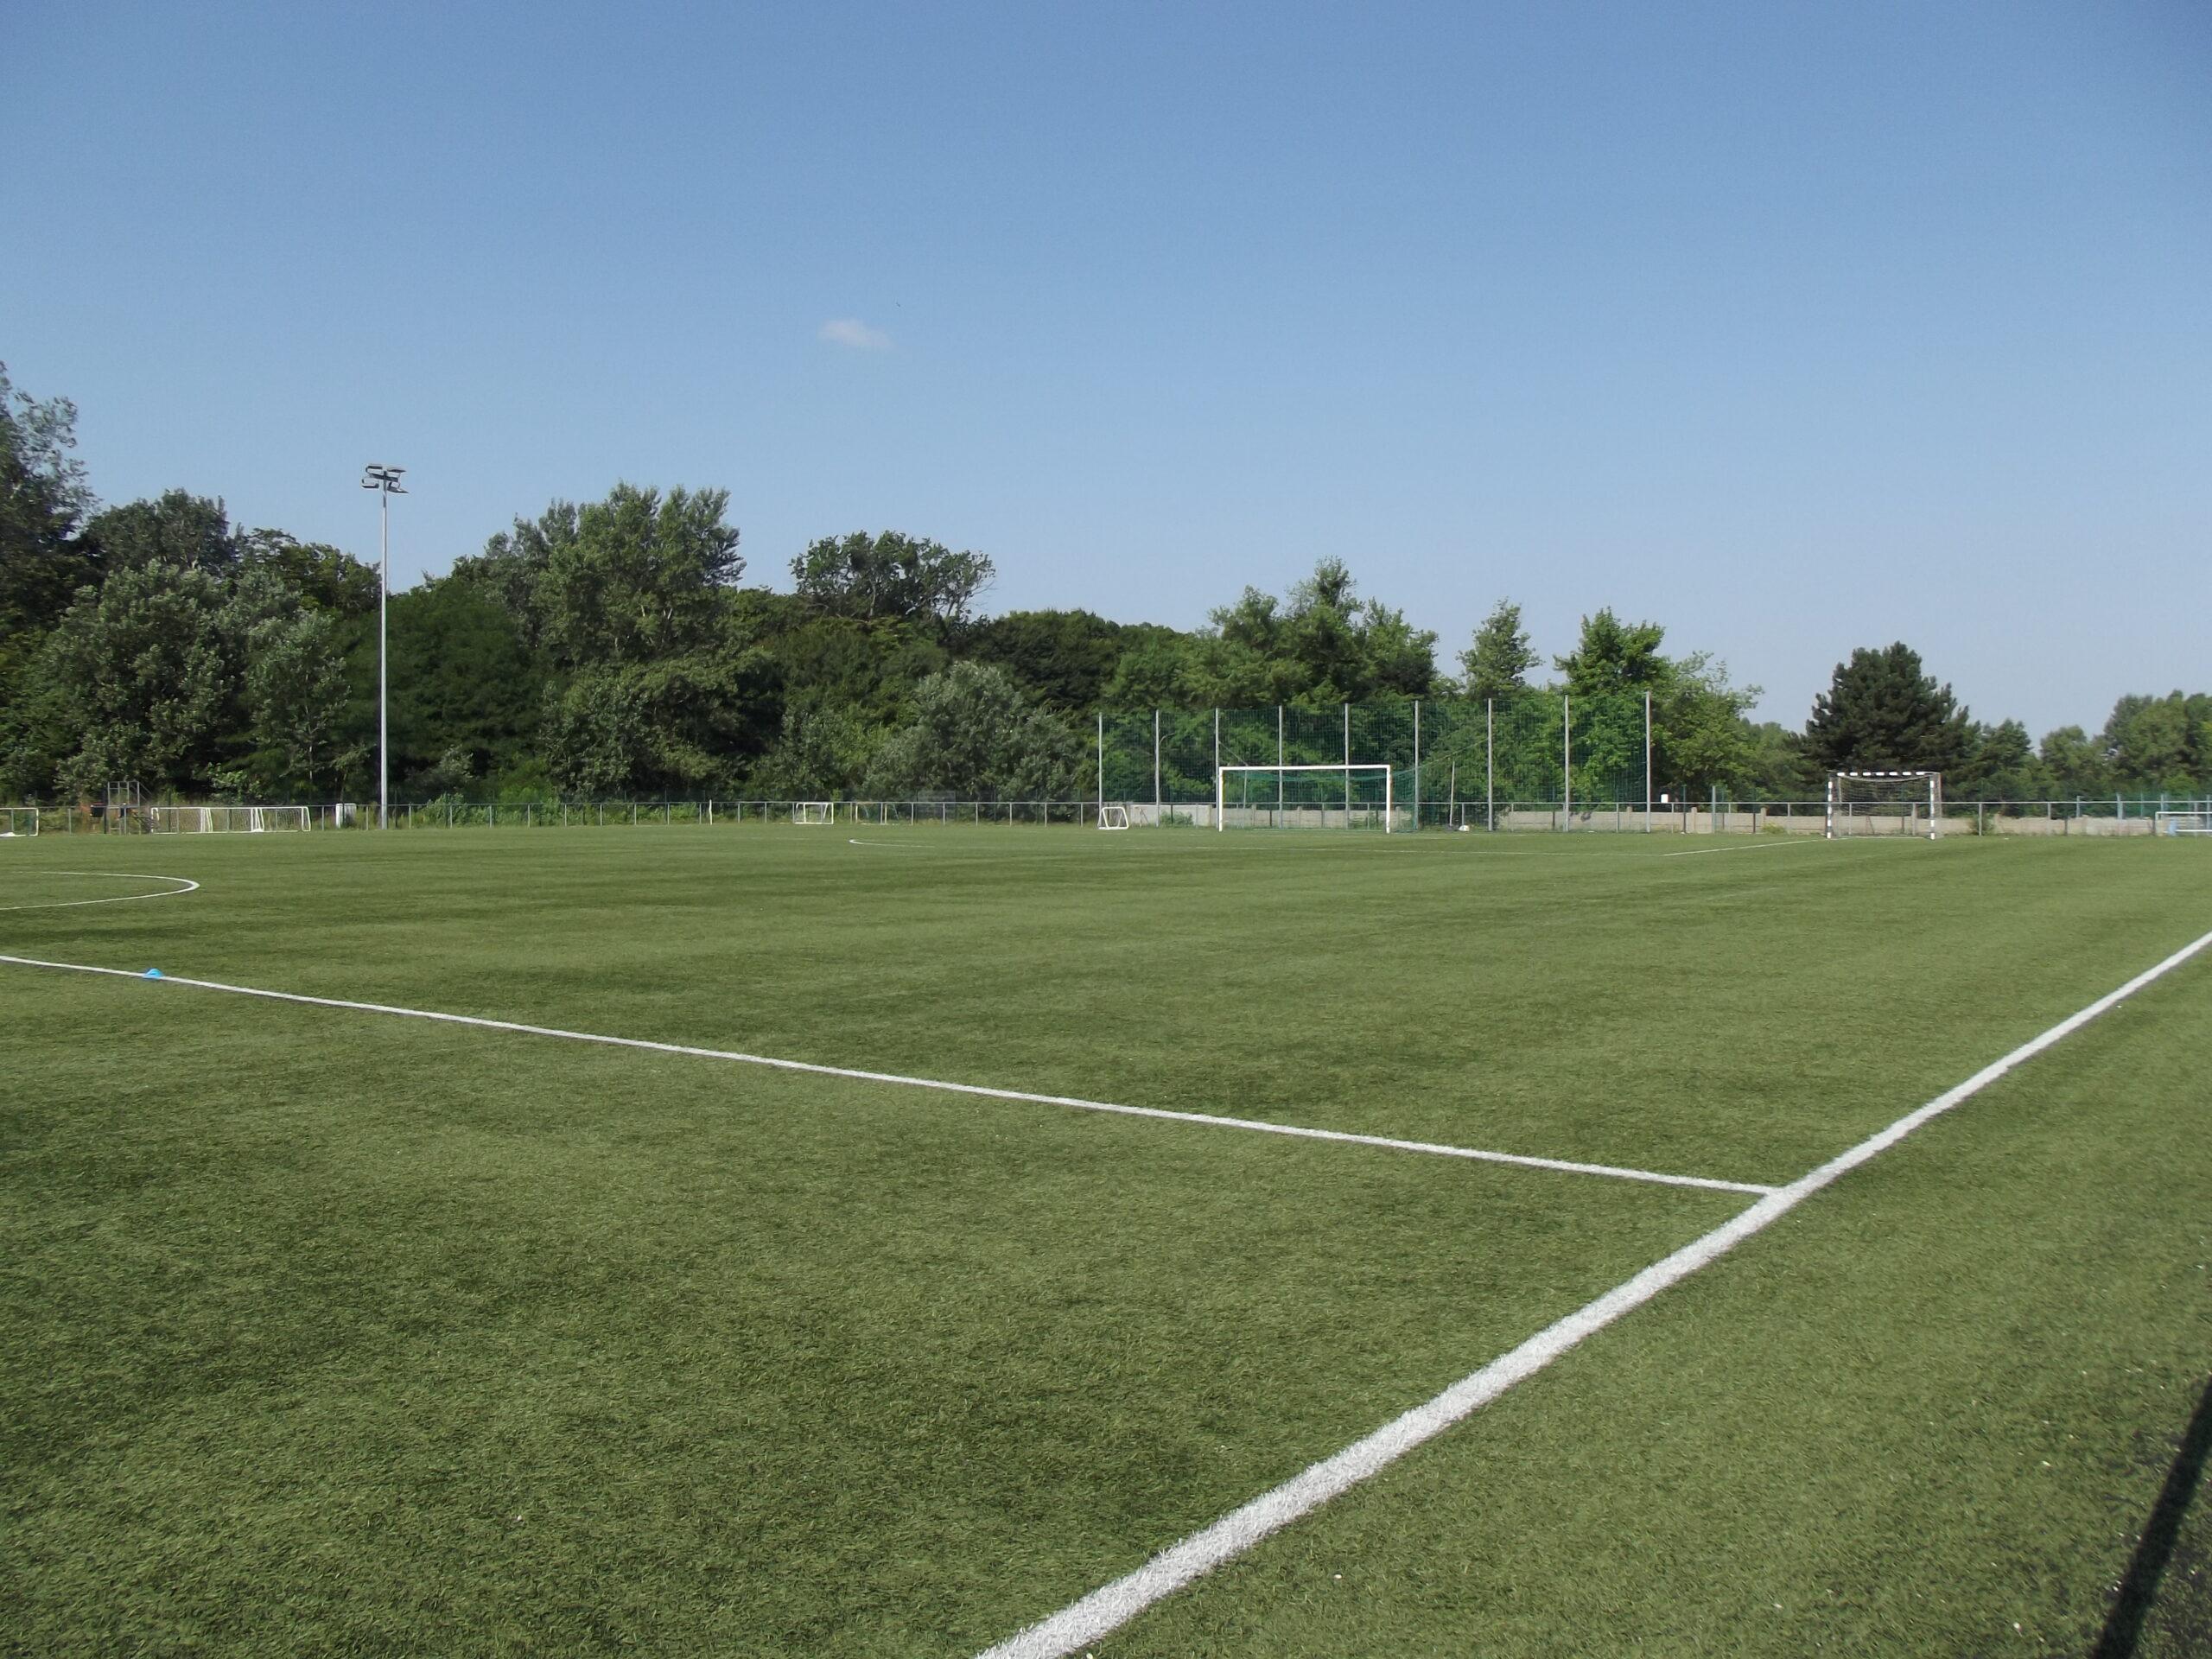 Műfüves labdarúgó pálya (2 pálya)